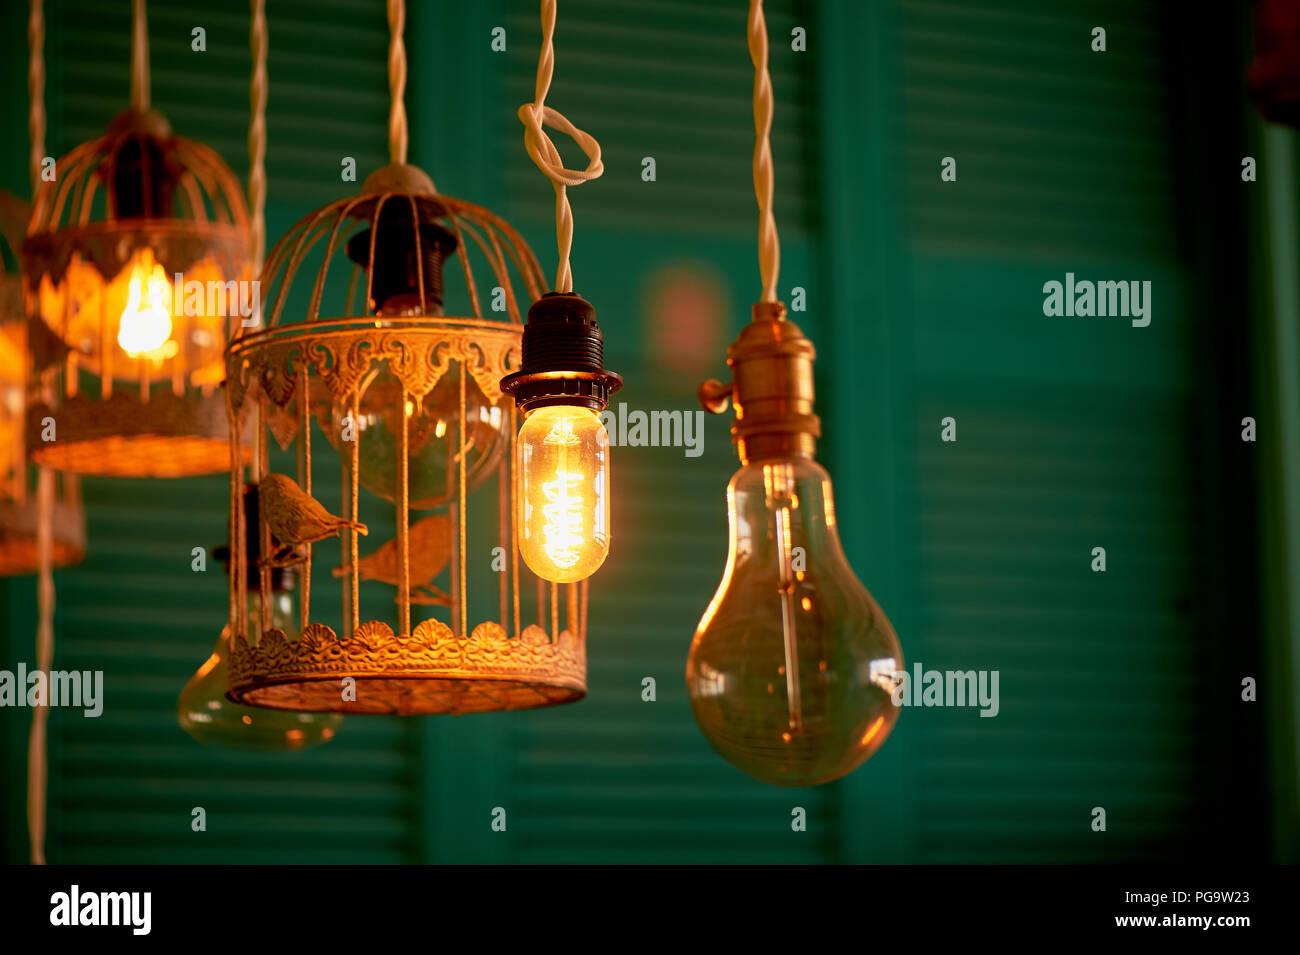 Glühlampen Erickson ausgesetzt mit der Zellen mit der Dekoration Vogel. Gelbe warmes Licht Stockbild